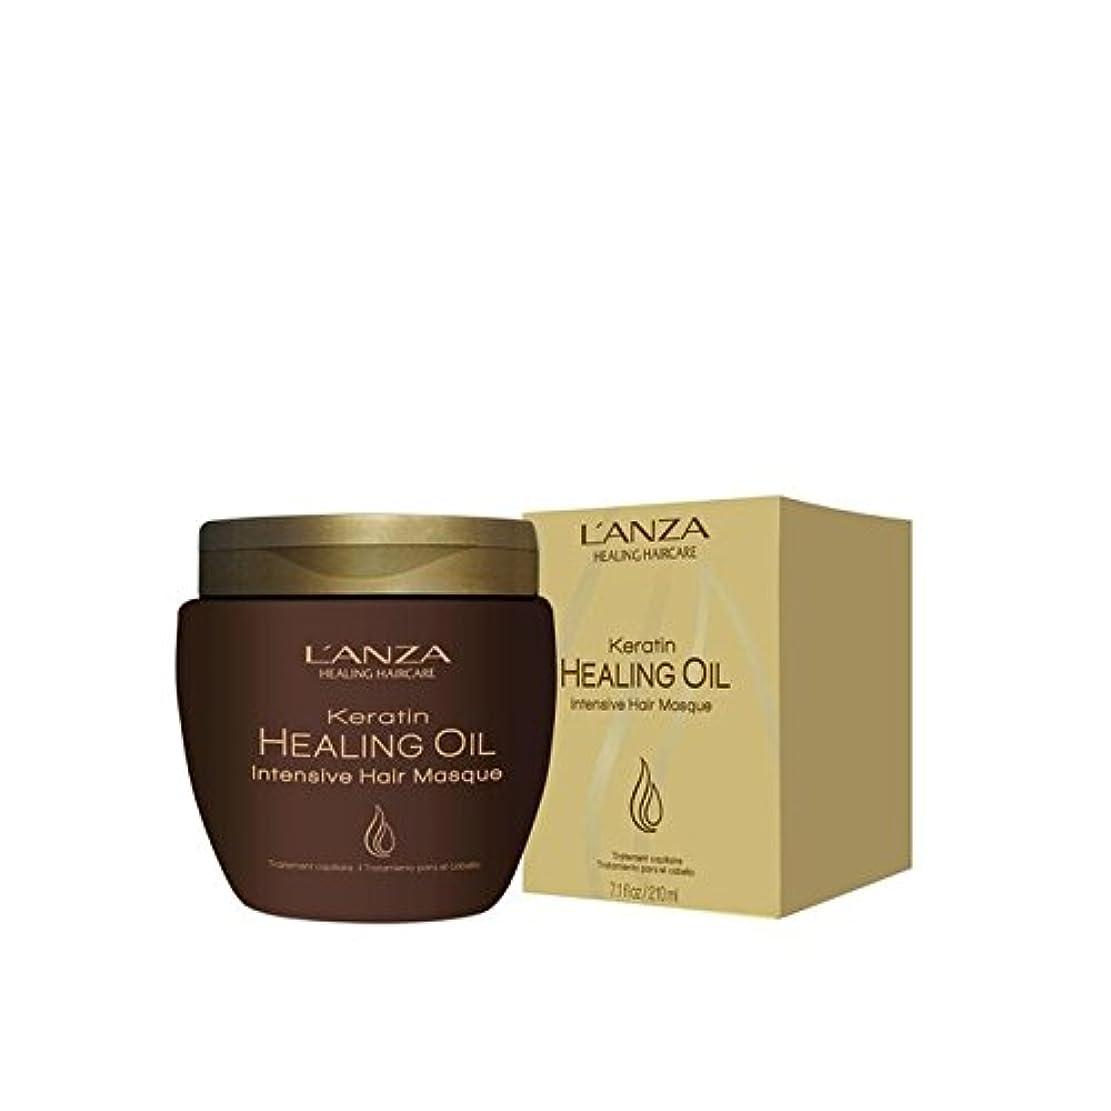 司法交流するフラップアンザケラチン癒しのオイル強力ヘア仮面劇 x2 - L'Anza Keratin Healing Oil Intensive Hair Masque (Pack of 2) [並行輸入品]